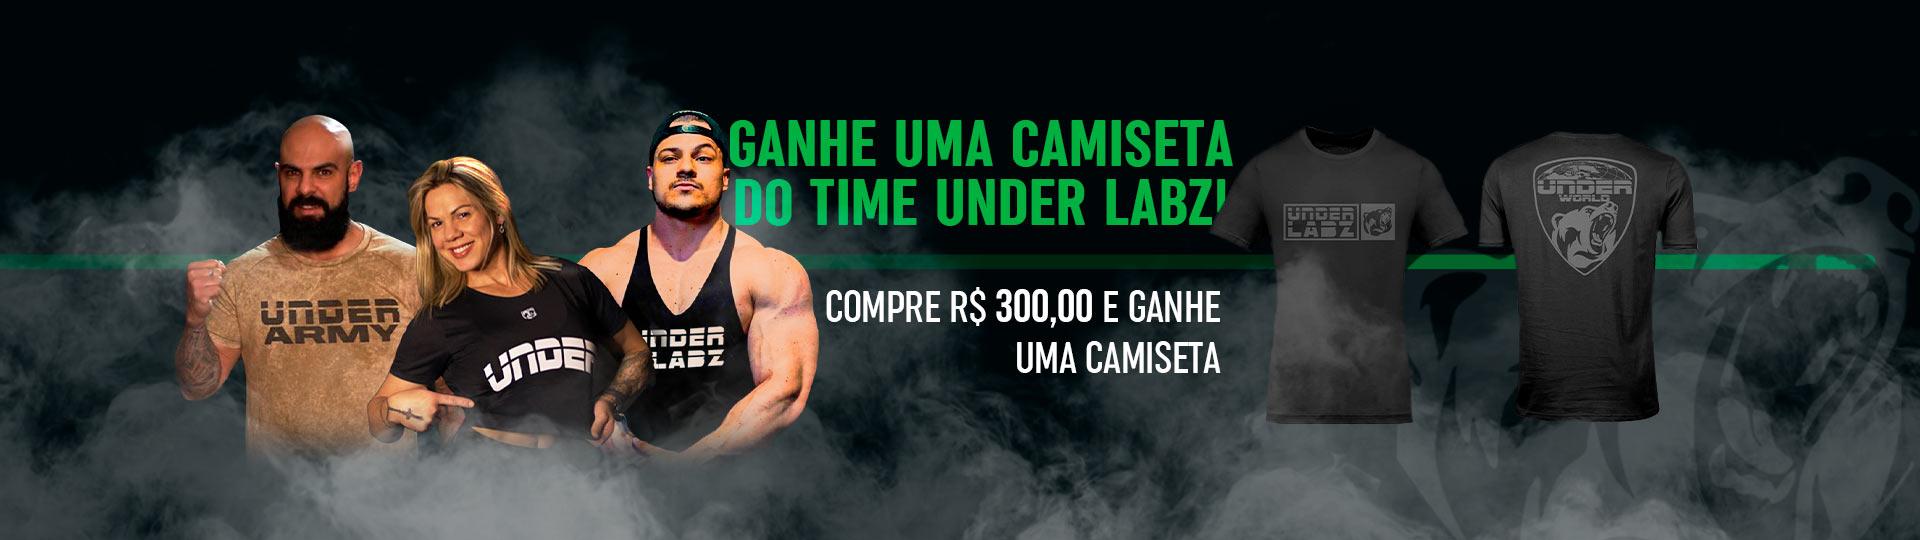 Promoção Compras Acima de R$300 (Ganhe Camiseta)